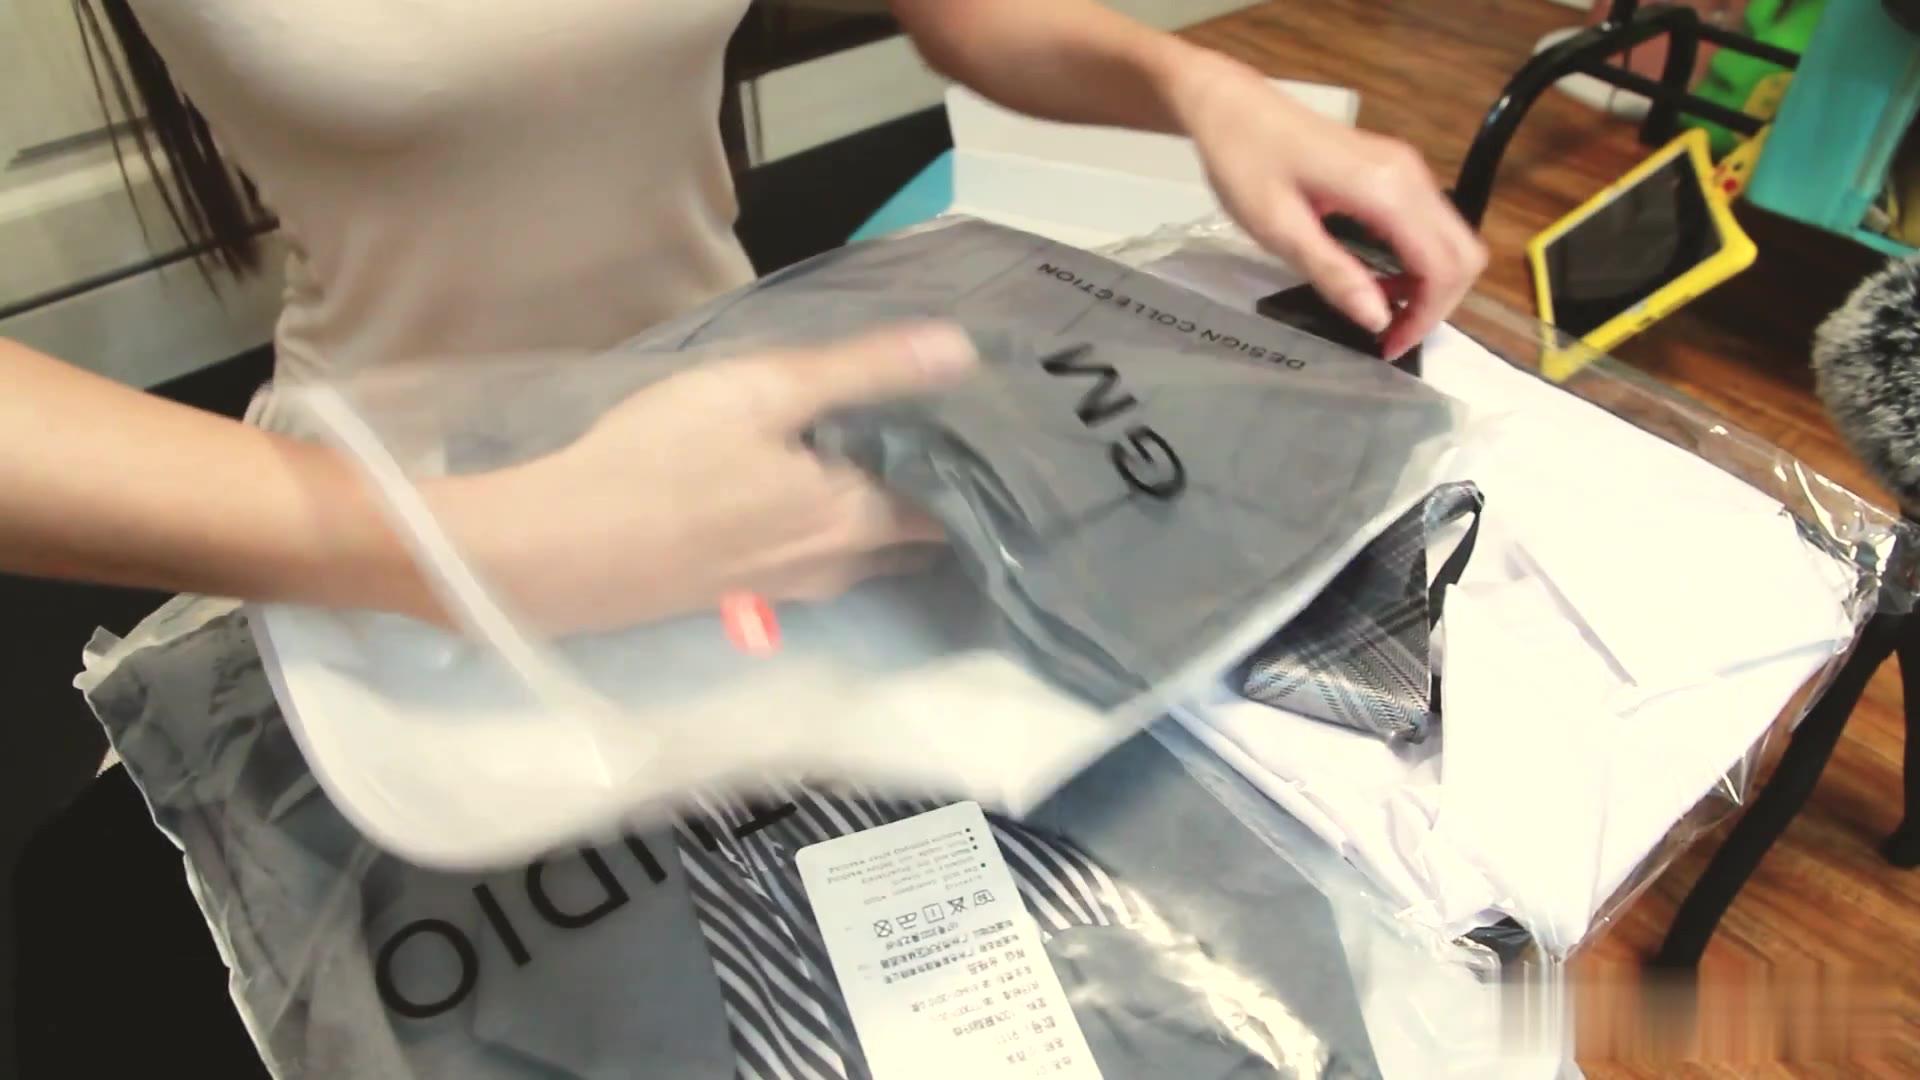 【开箱试穿】网购JK款制服开箱试穿,配上黑丝简直太漂亮了!